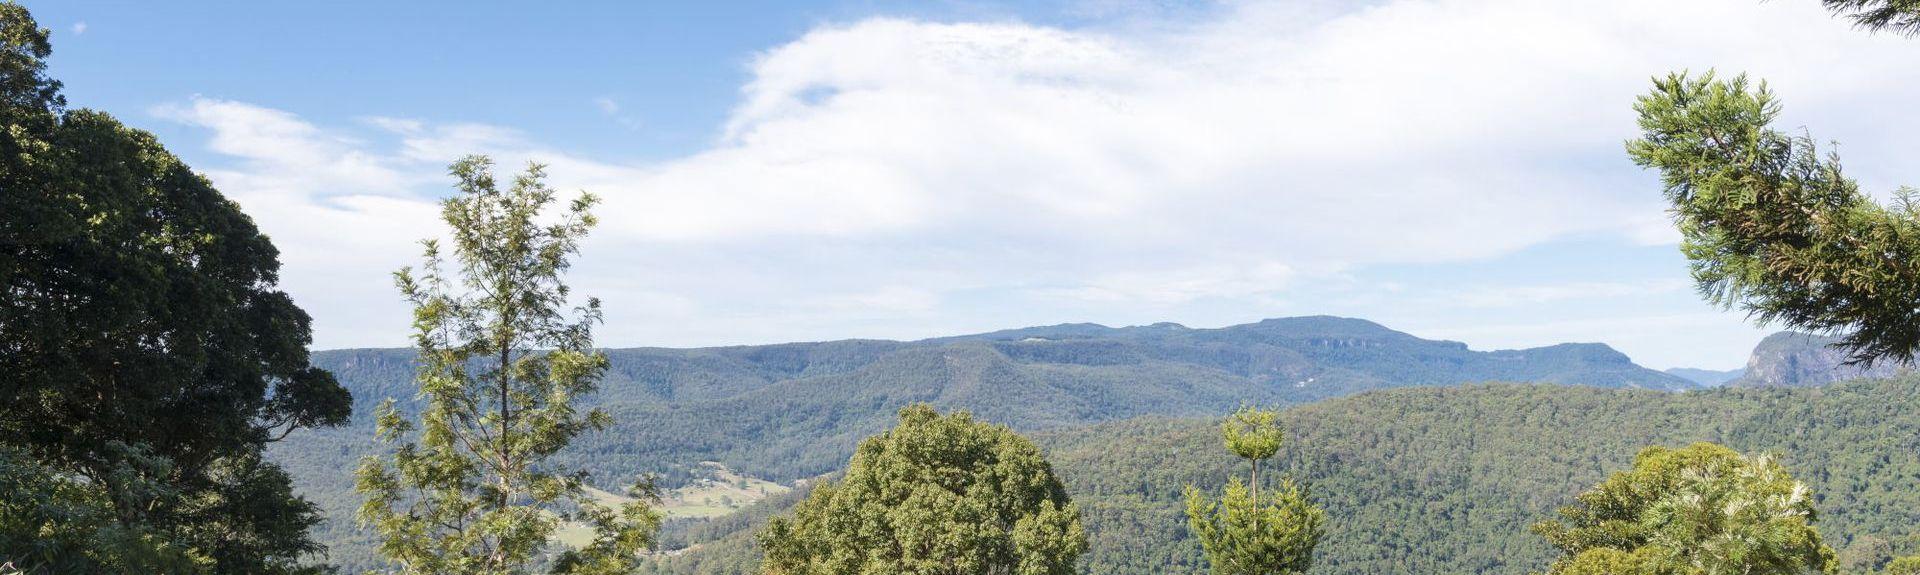 Binna Burra QLD, Australia